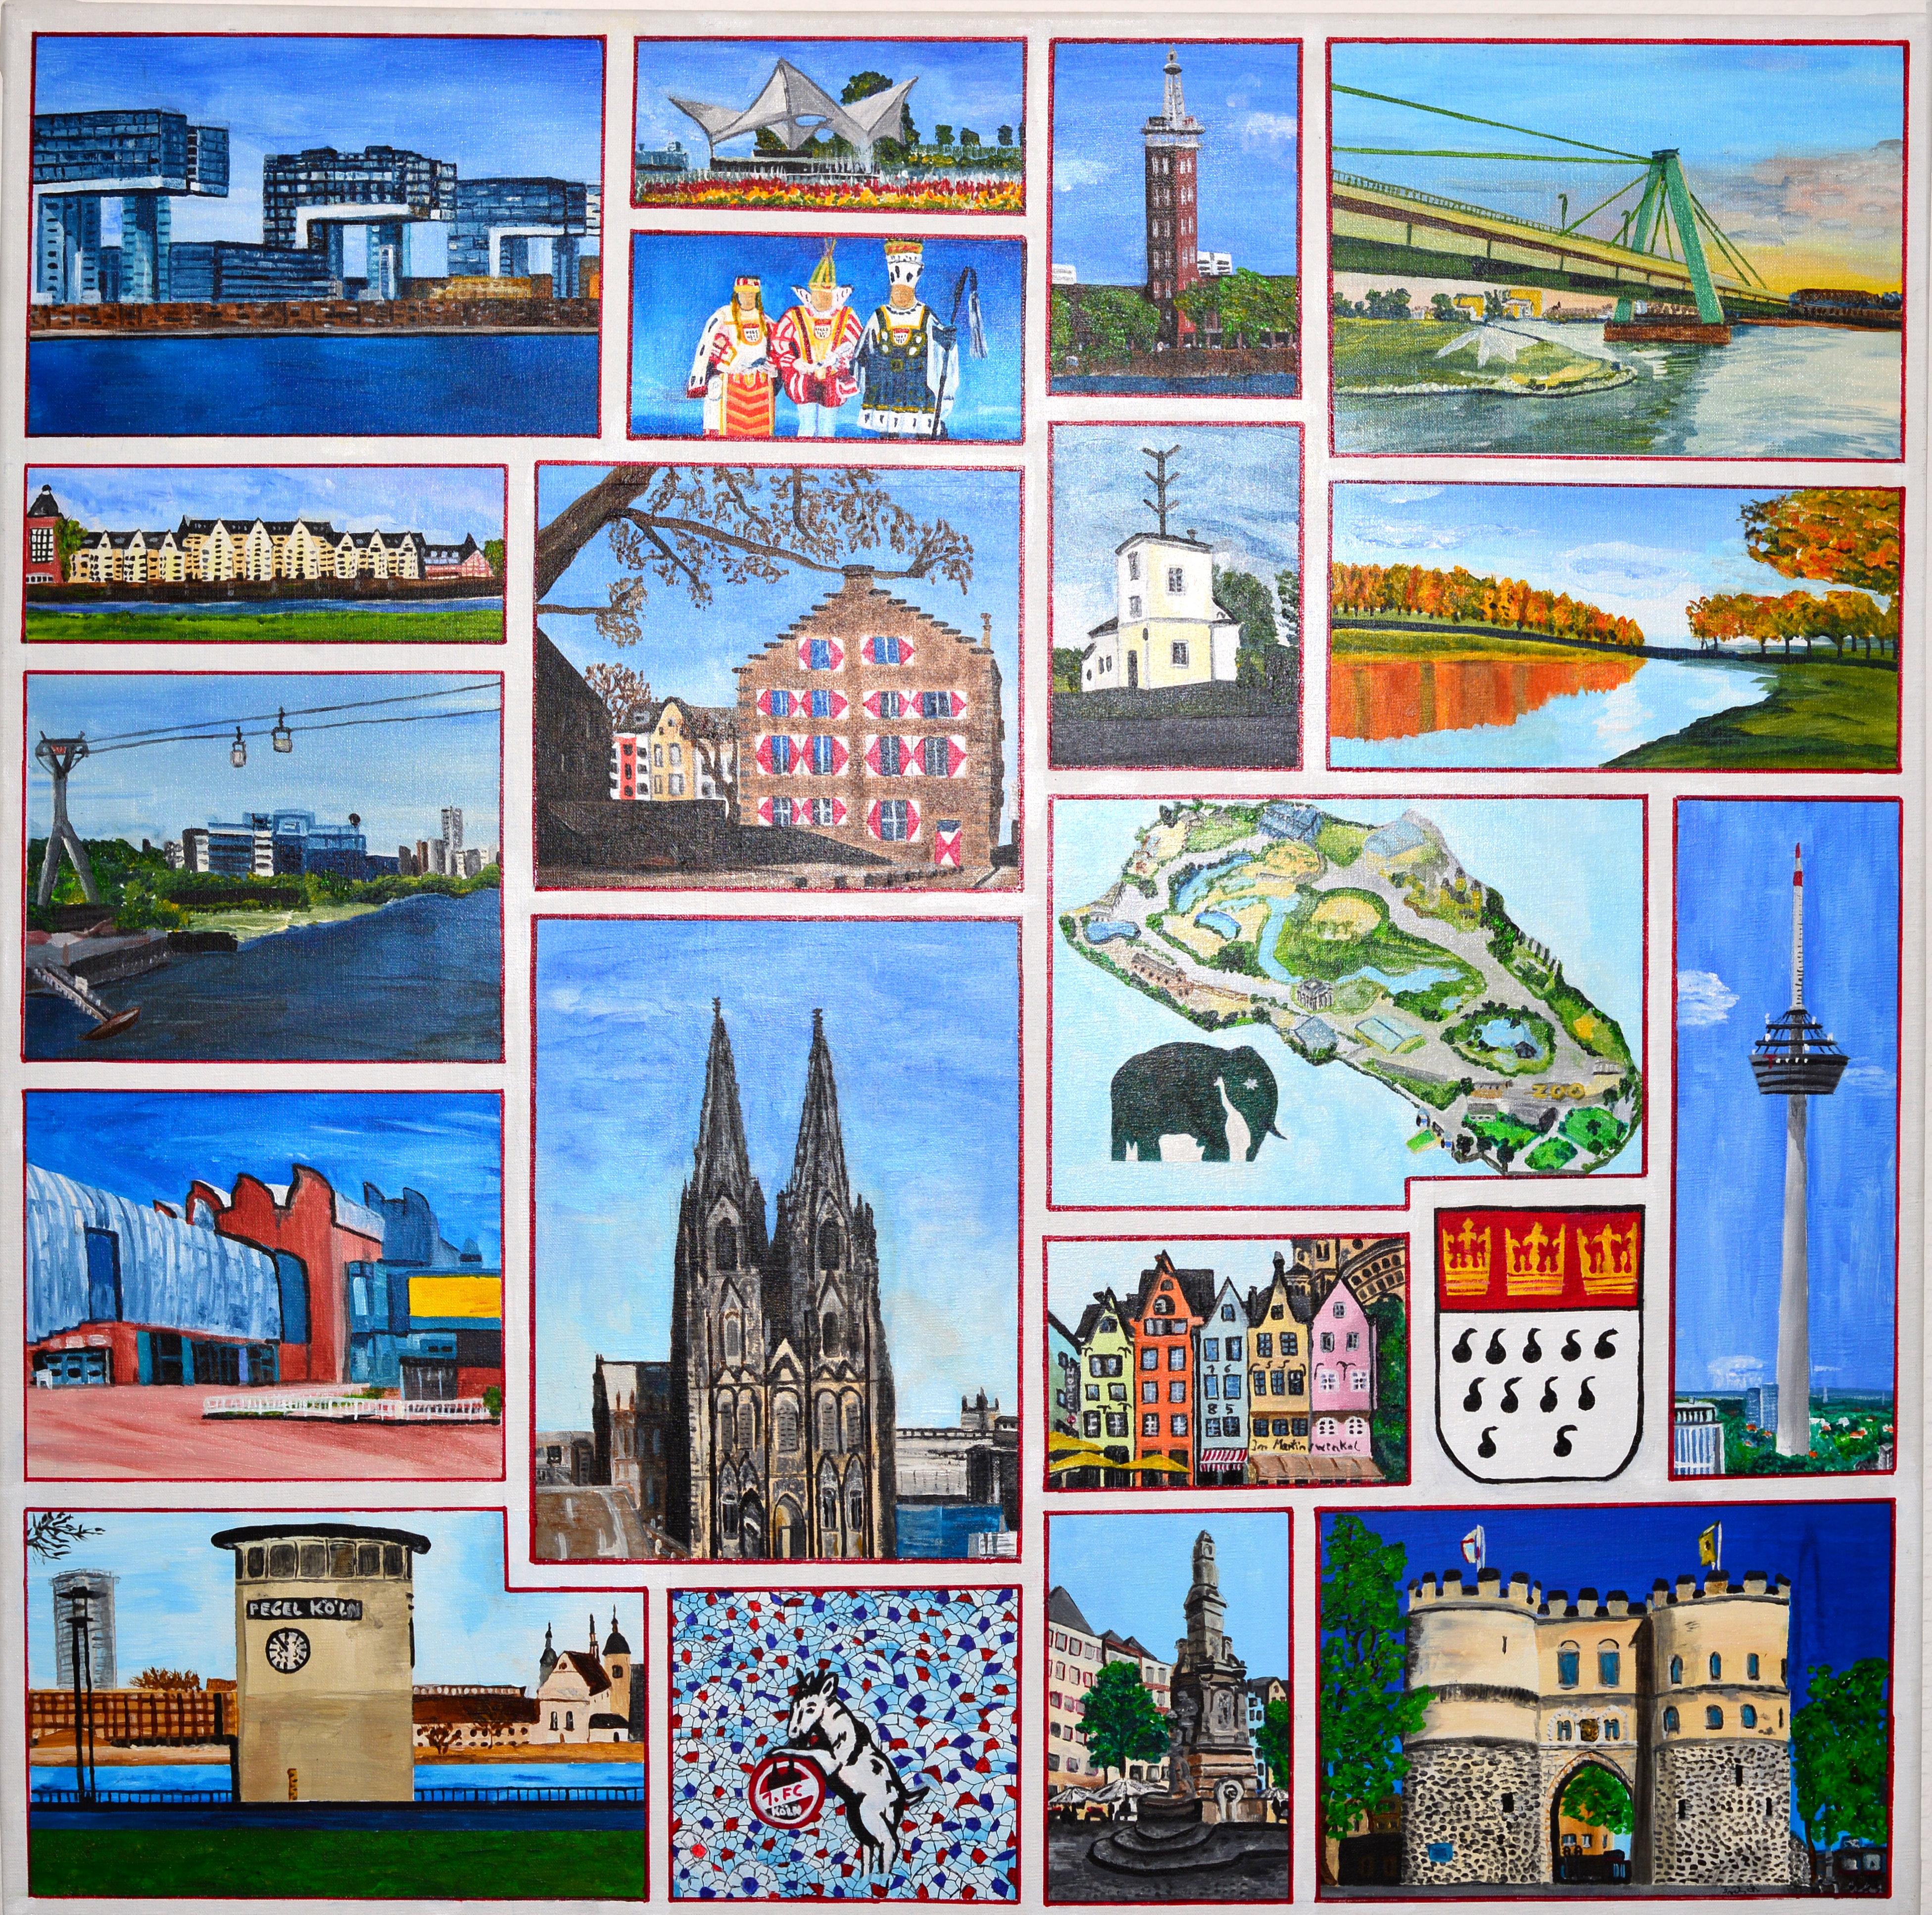 Inspirierende Kölnansichten, Acrylbild auf Leinwand, 100 x 100 cm Sehenswürdigkeiten aus Köln